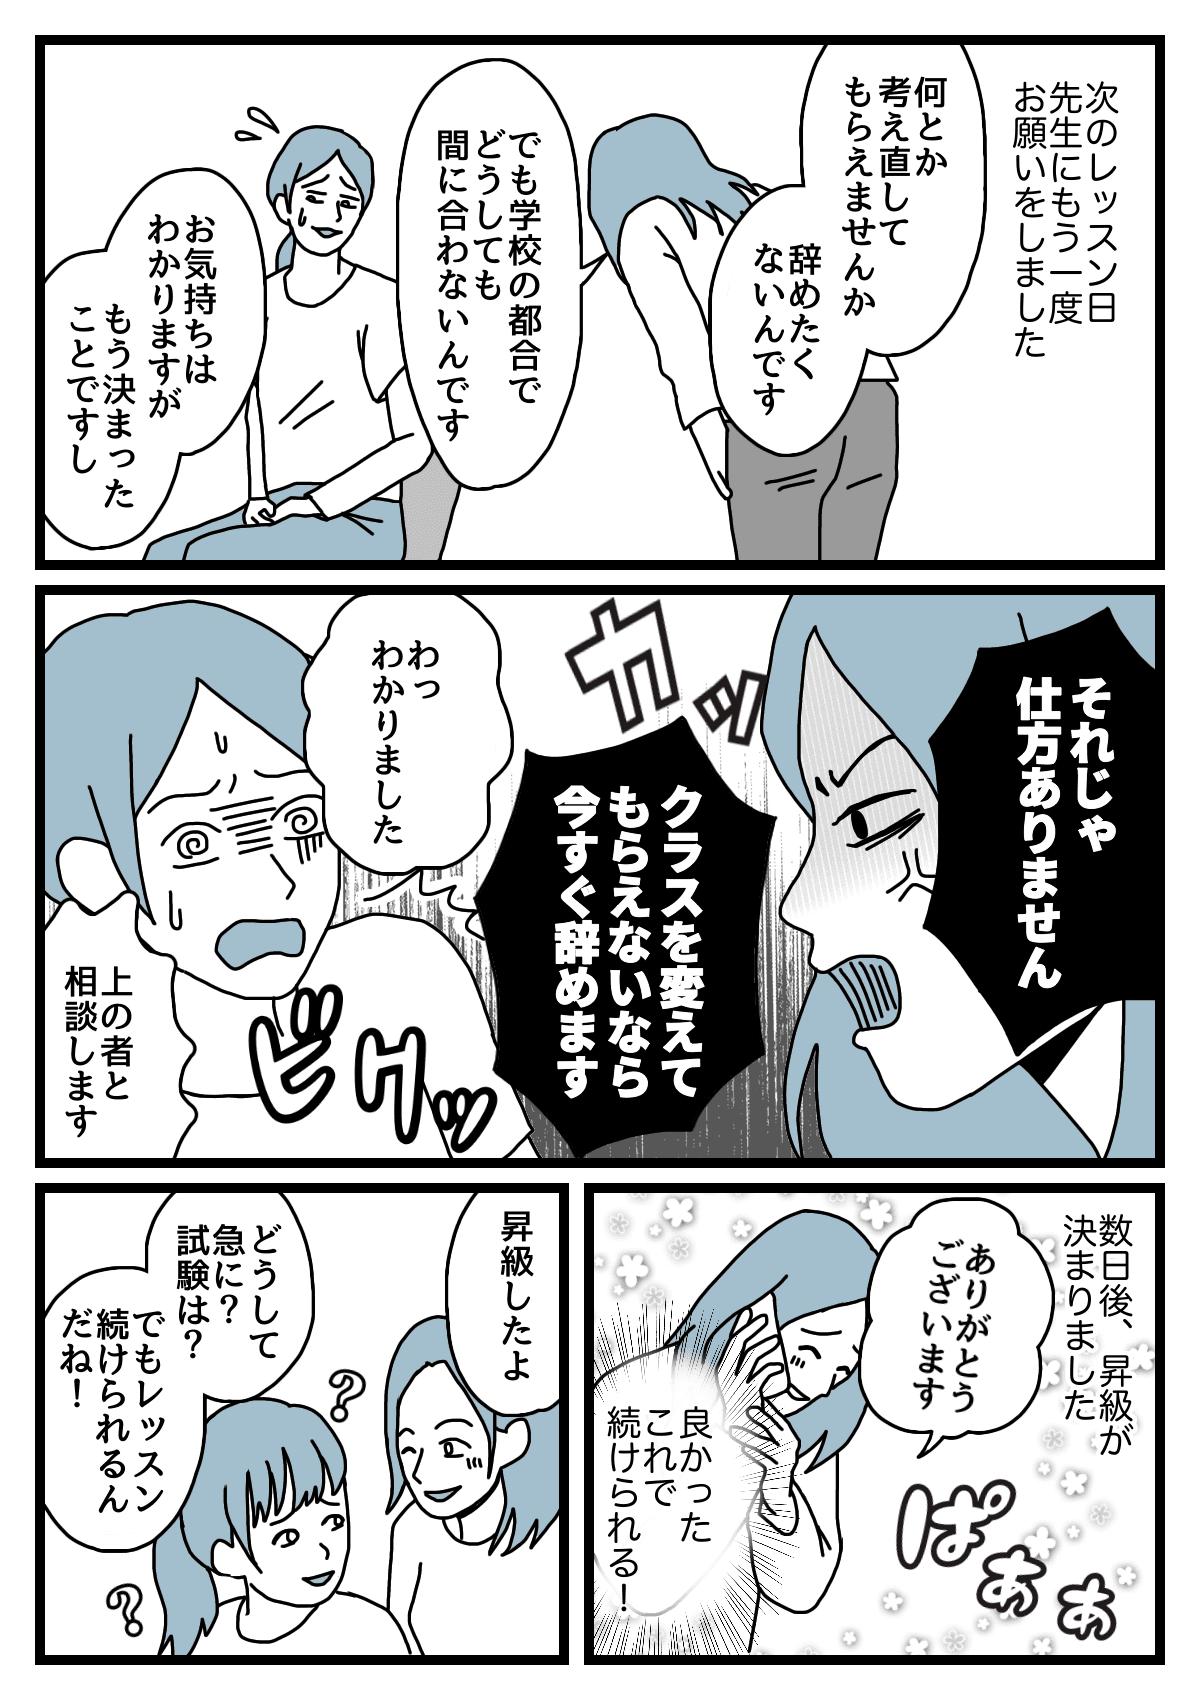 【後編】習い事1